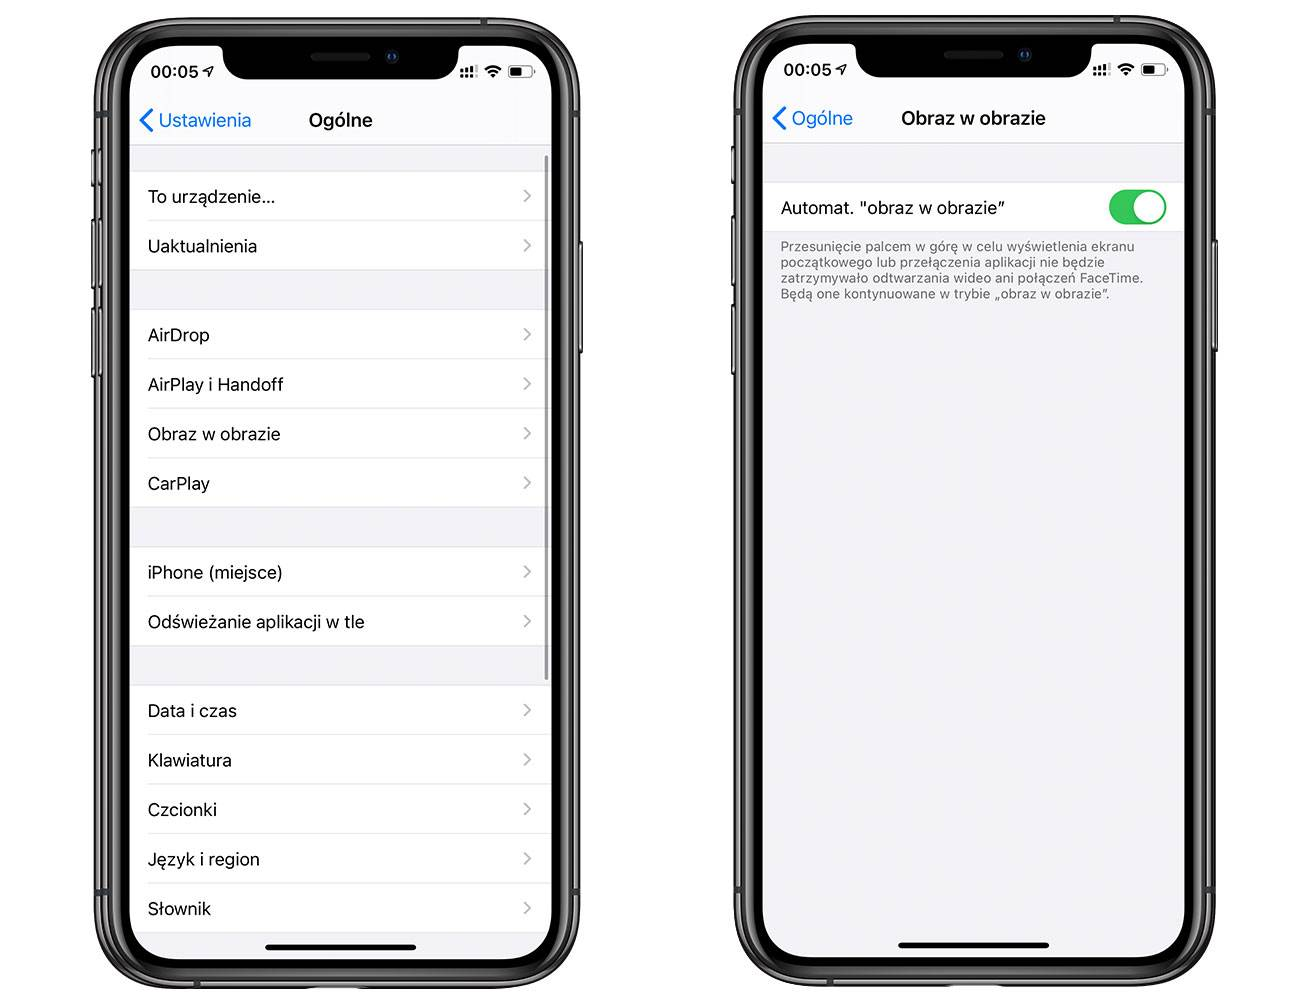 iOS 14 - polskie screeny polecane, ciekawostki zrzuty ekranu, screeny, polskie screeny z iOS 14 beta 1, polskie screeny z iOS 14, jak wygląda iOS 14 beta, jak wyglada iOS 14, iOS 14 z bliska, iOS 14 screeny, iOS 14 beta screeny, iOS, Apple  Pierwsza beta iOS 14 jest już w naszych rękach, więc przygotowaliśmy dla Was polskie screeny z najnowszej wersji iOS. iOS14 2 4